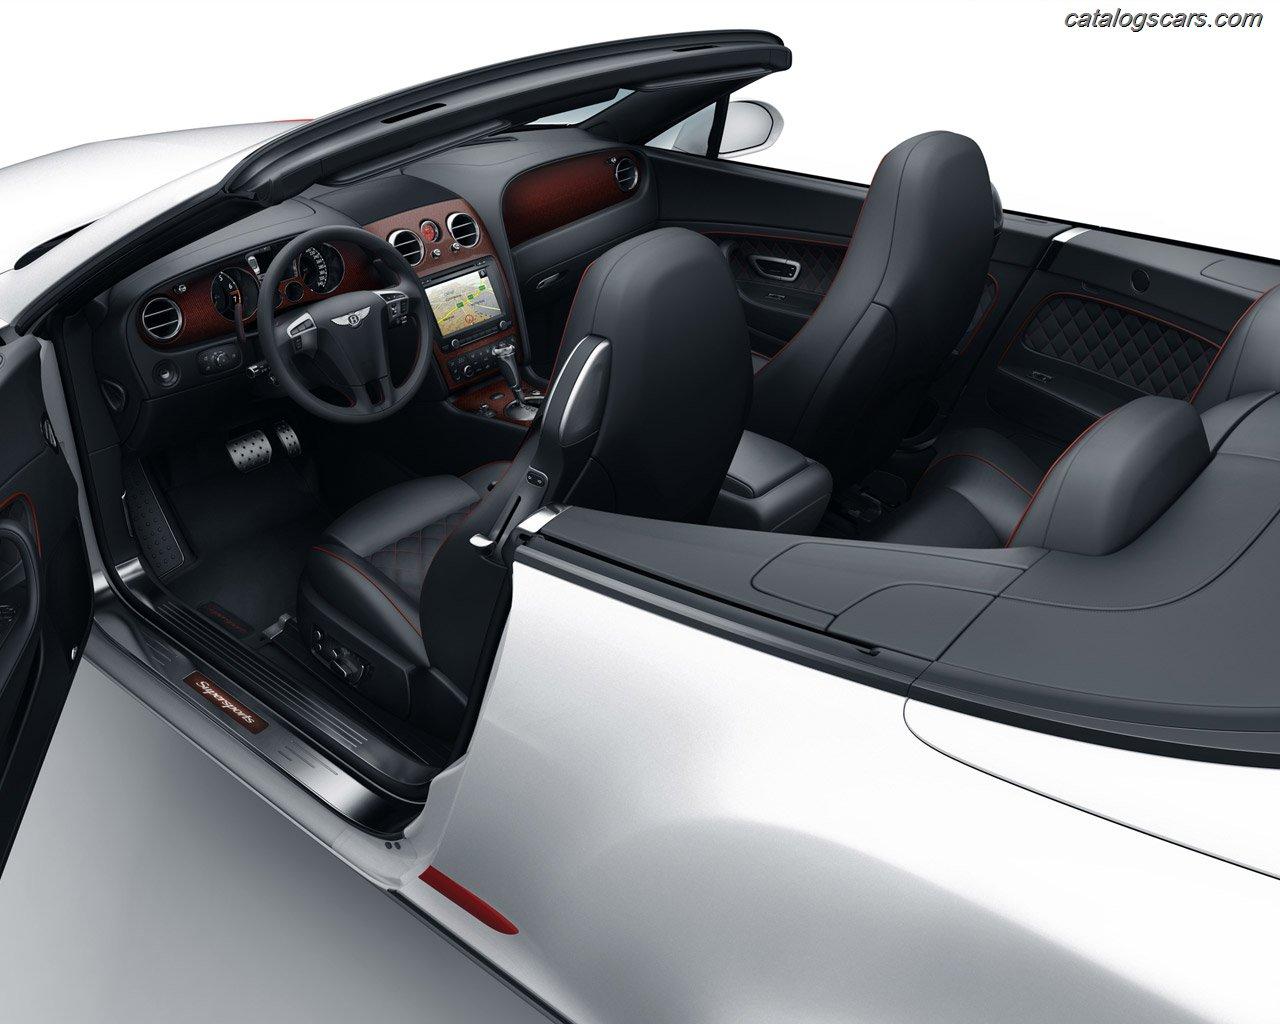 صور سيارة بنتلى كونتيننتال سوبر سبورتس كونفيرتابل 2014 - اجمل خلفيات صور عربية بنتلى - Bentley Continental SuperSports Convertible Photos Bentley-Continental-SuperSports-Convertible-2011-09.jpg